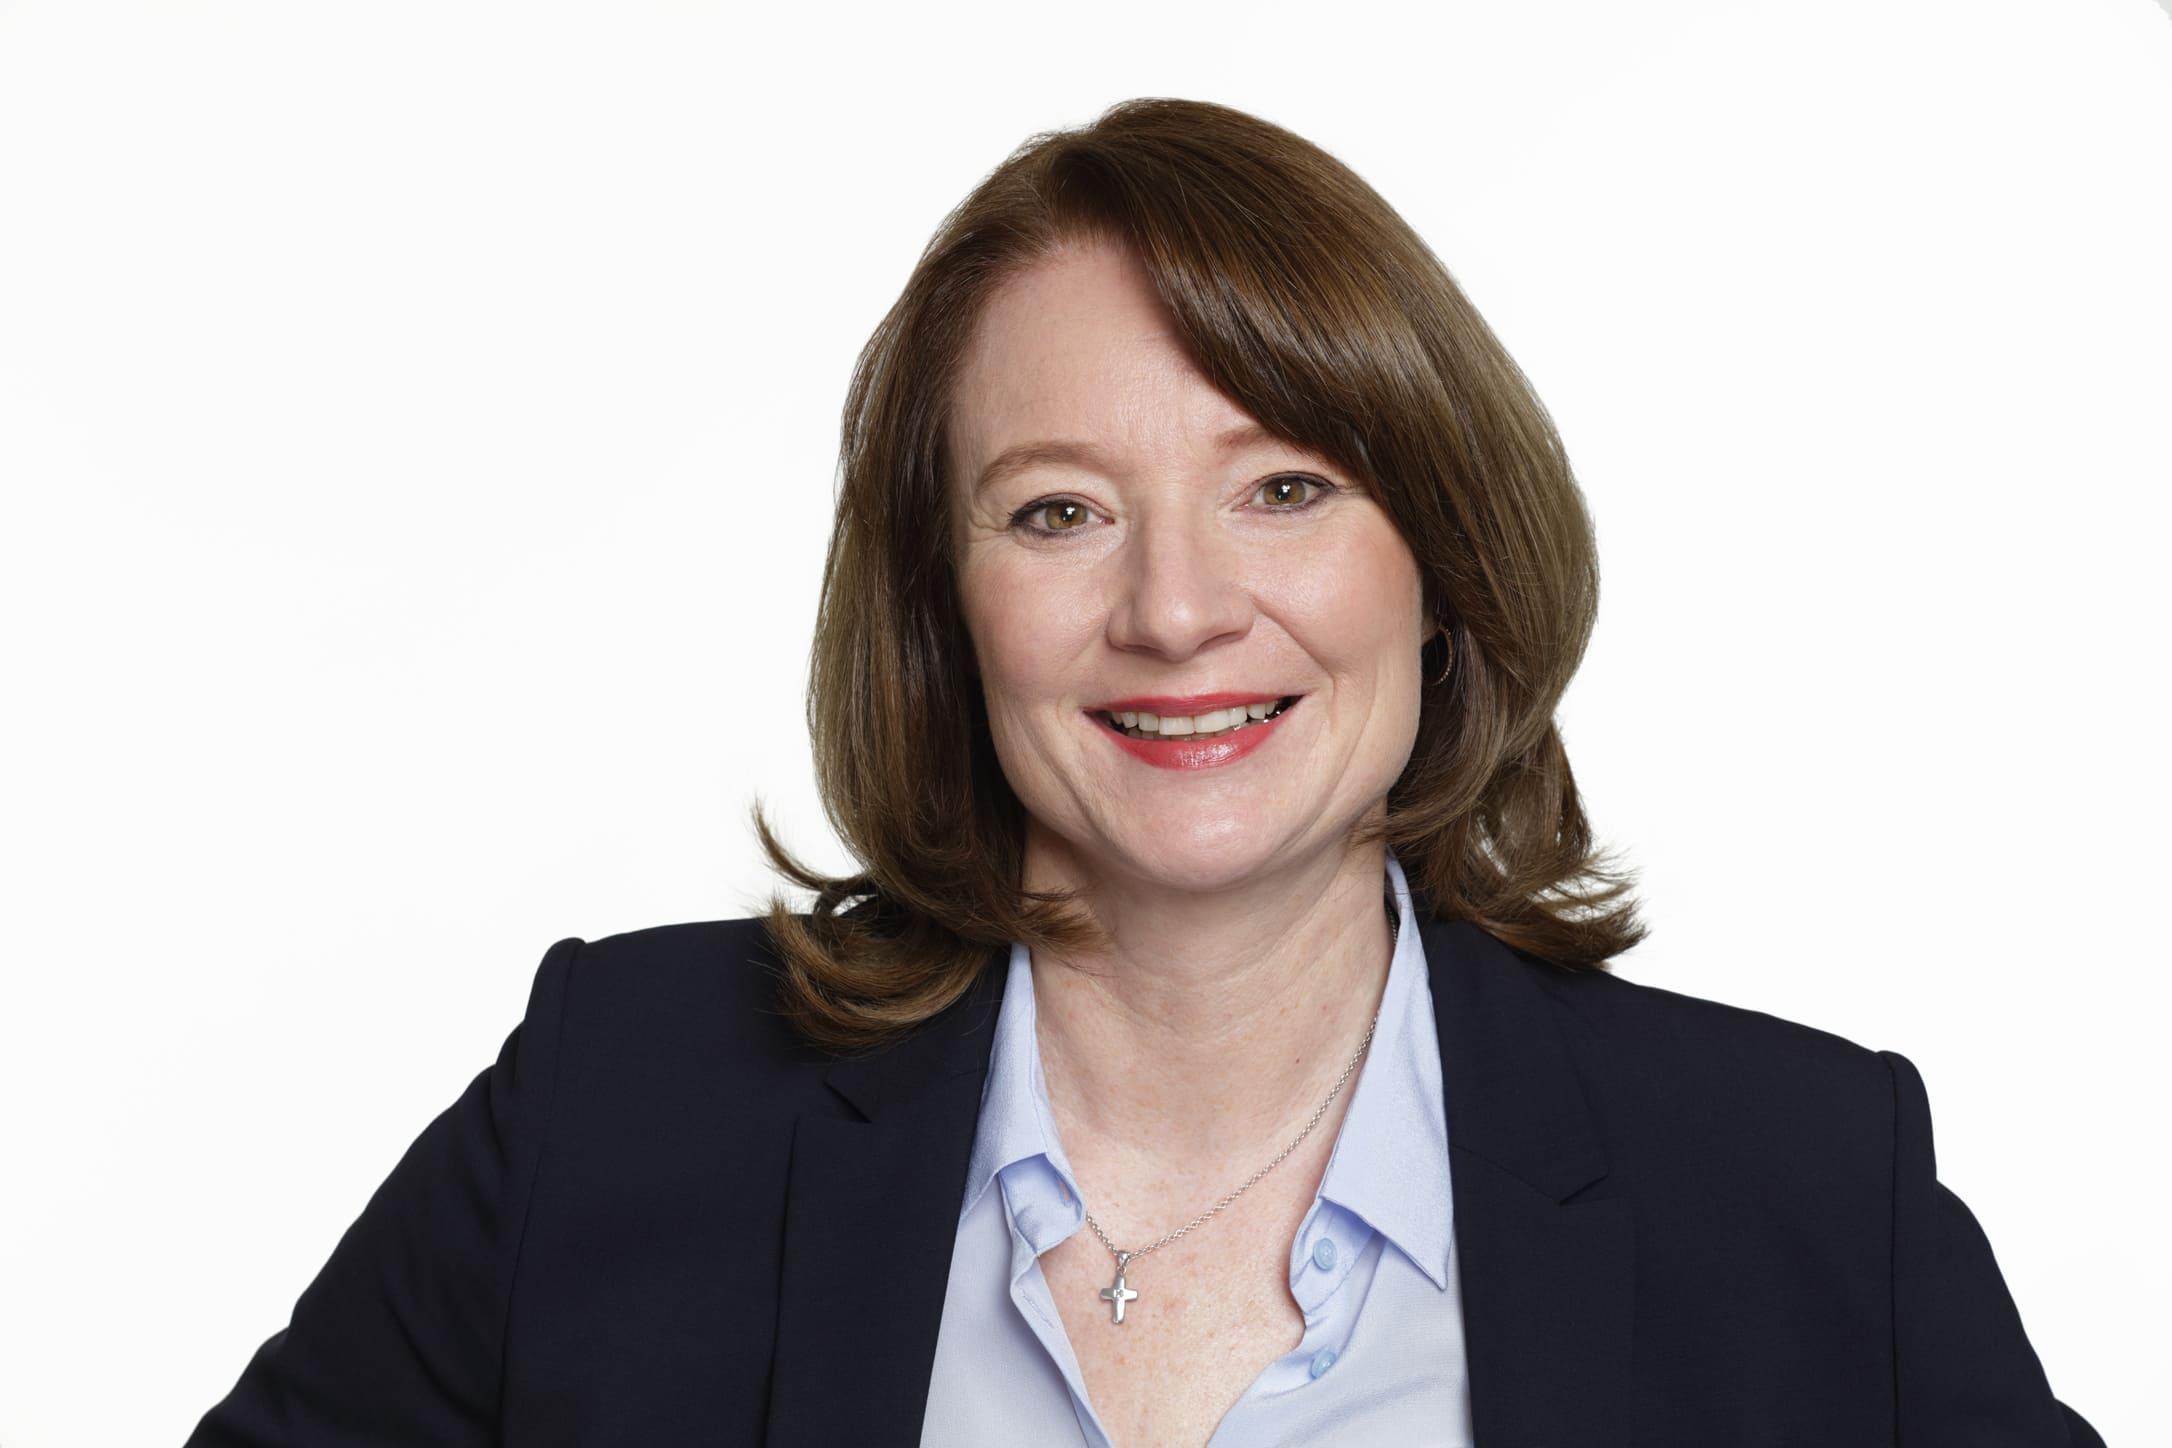 Andrea Stertz ist Referentin im Programmbereich Finanzmanagement der KGSt.